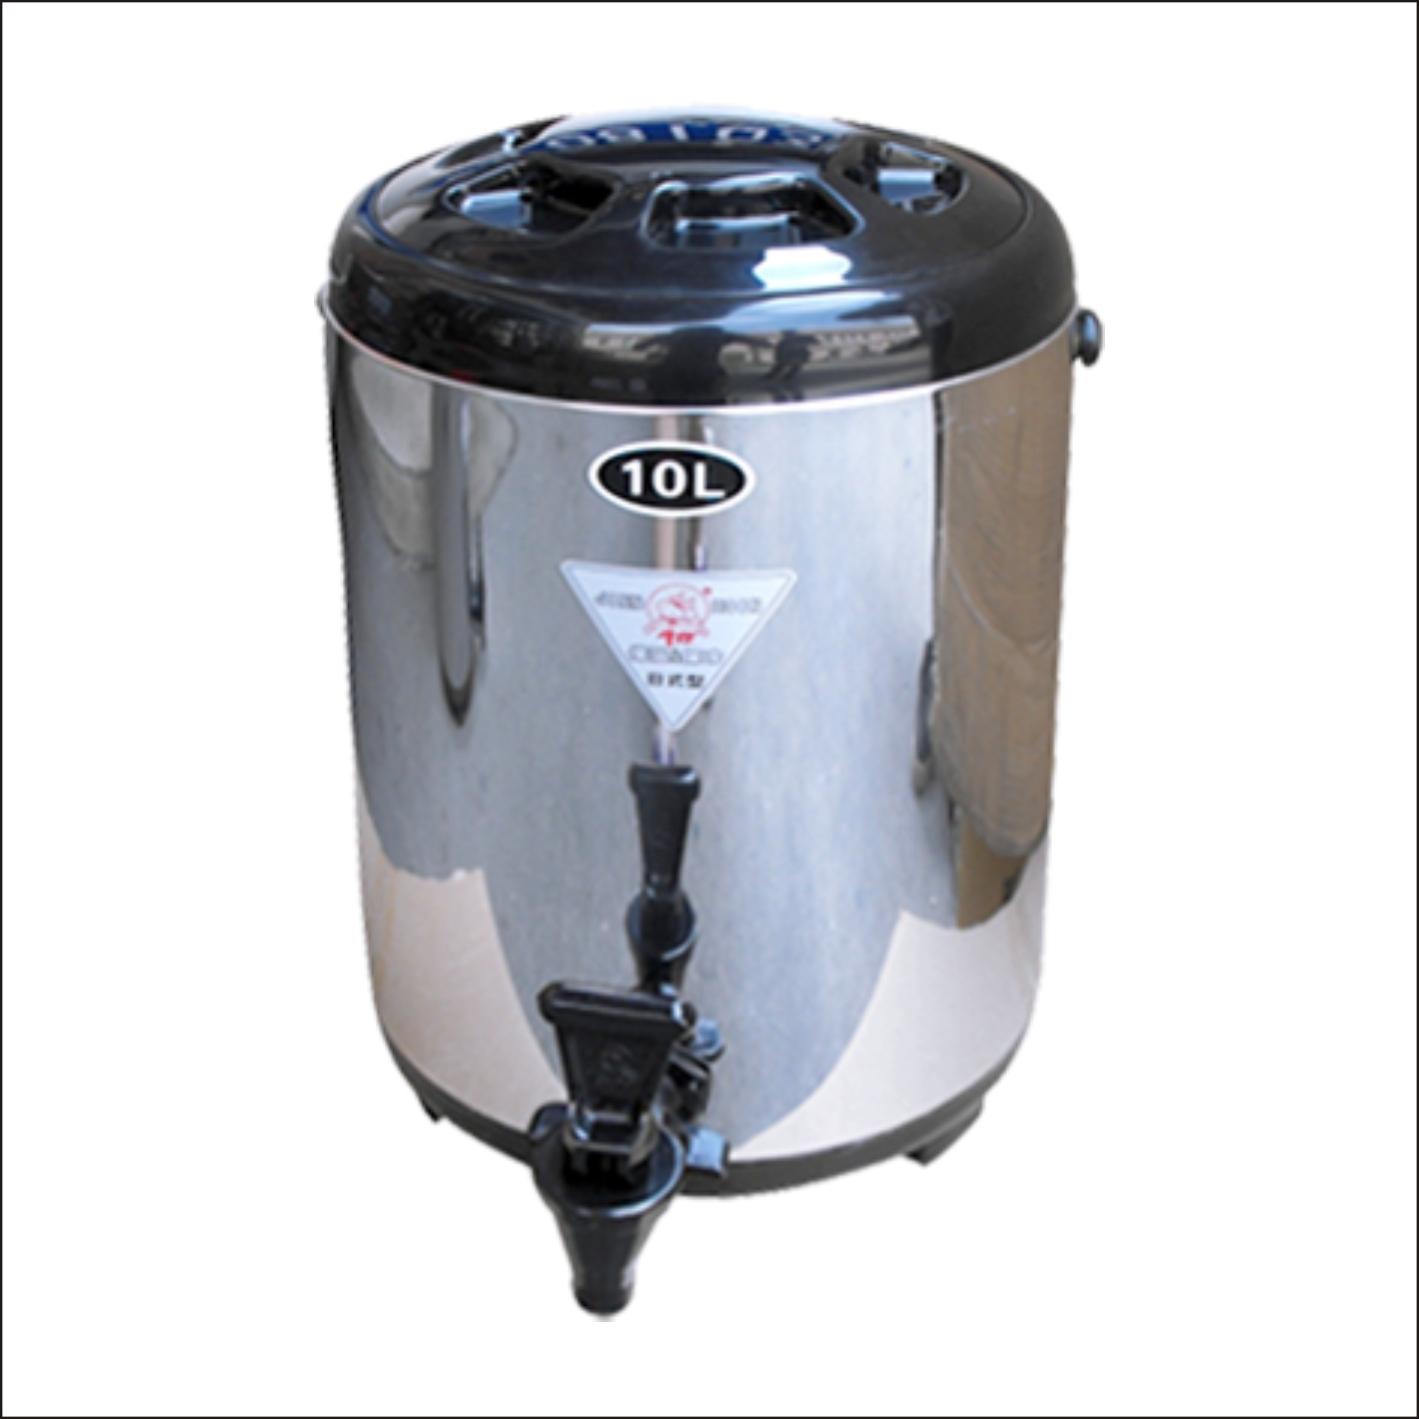 不锈钢保温桶-其他-吧台设备系列-咖啡豆专区-广州市